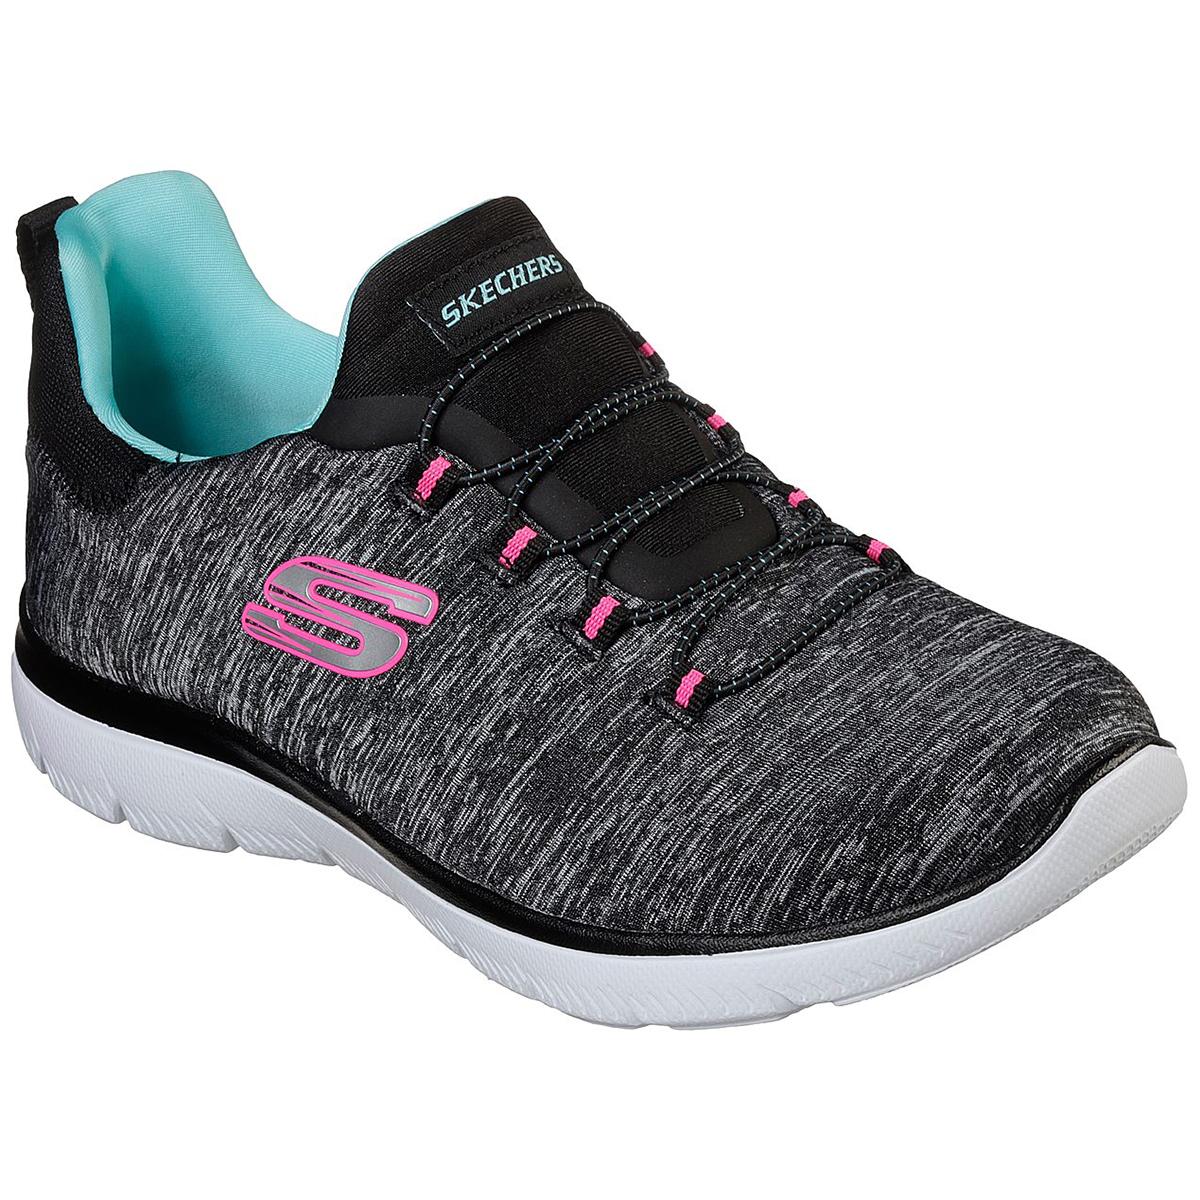 Skechers Women's Summits - Quick Getaway Sneaker - Black, 7.5